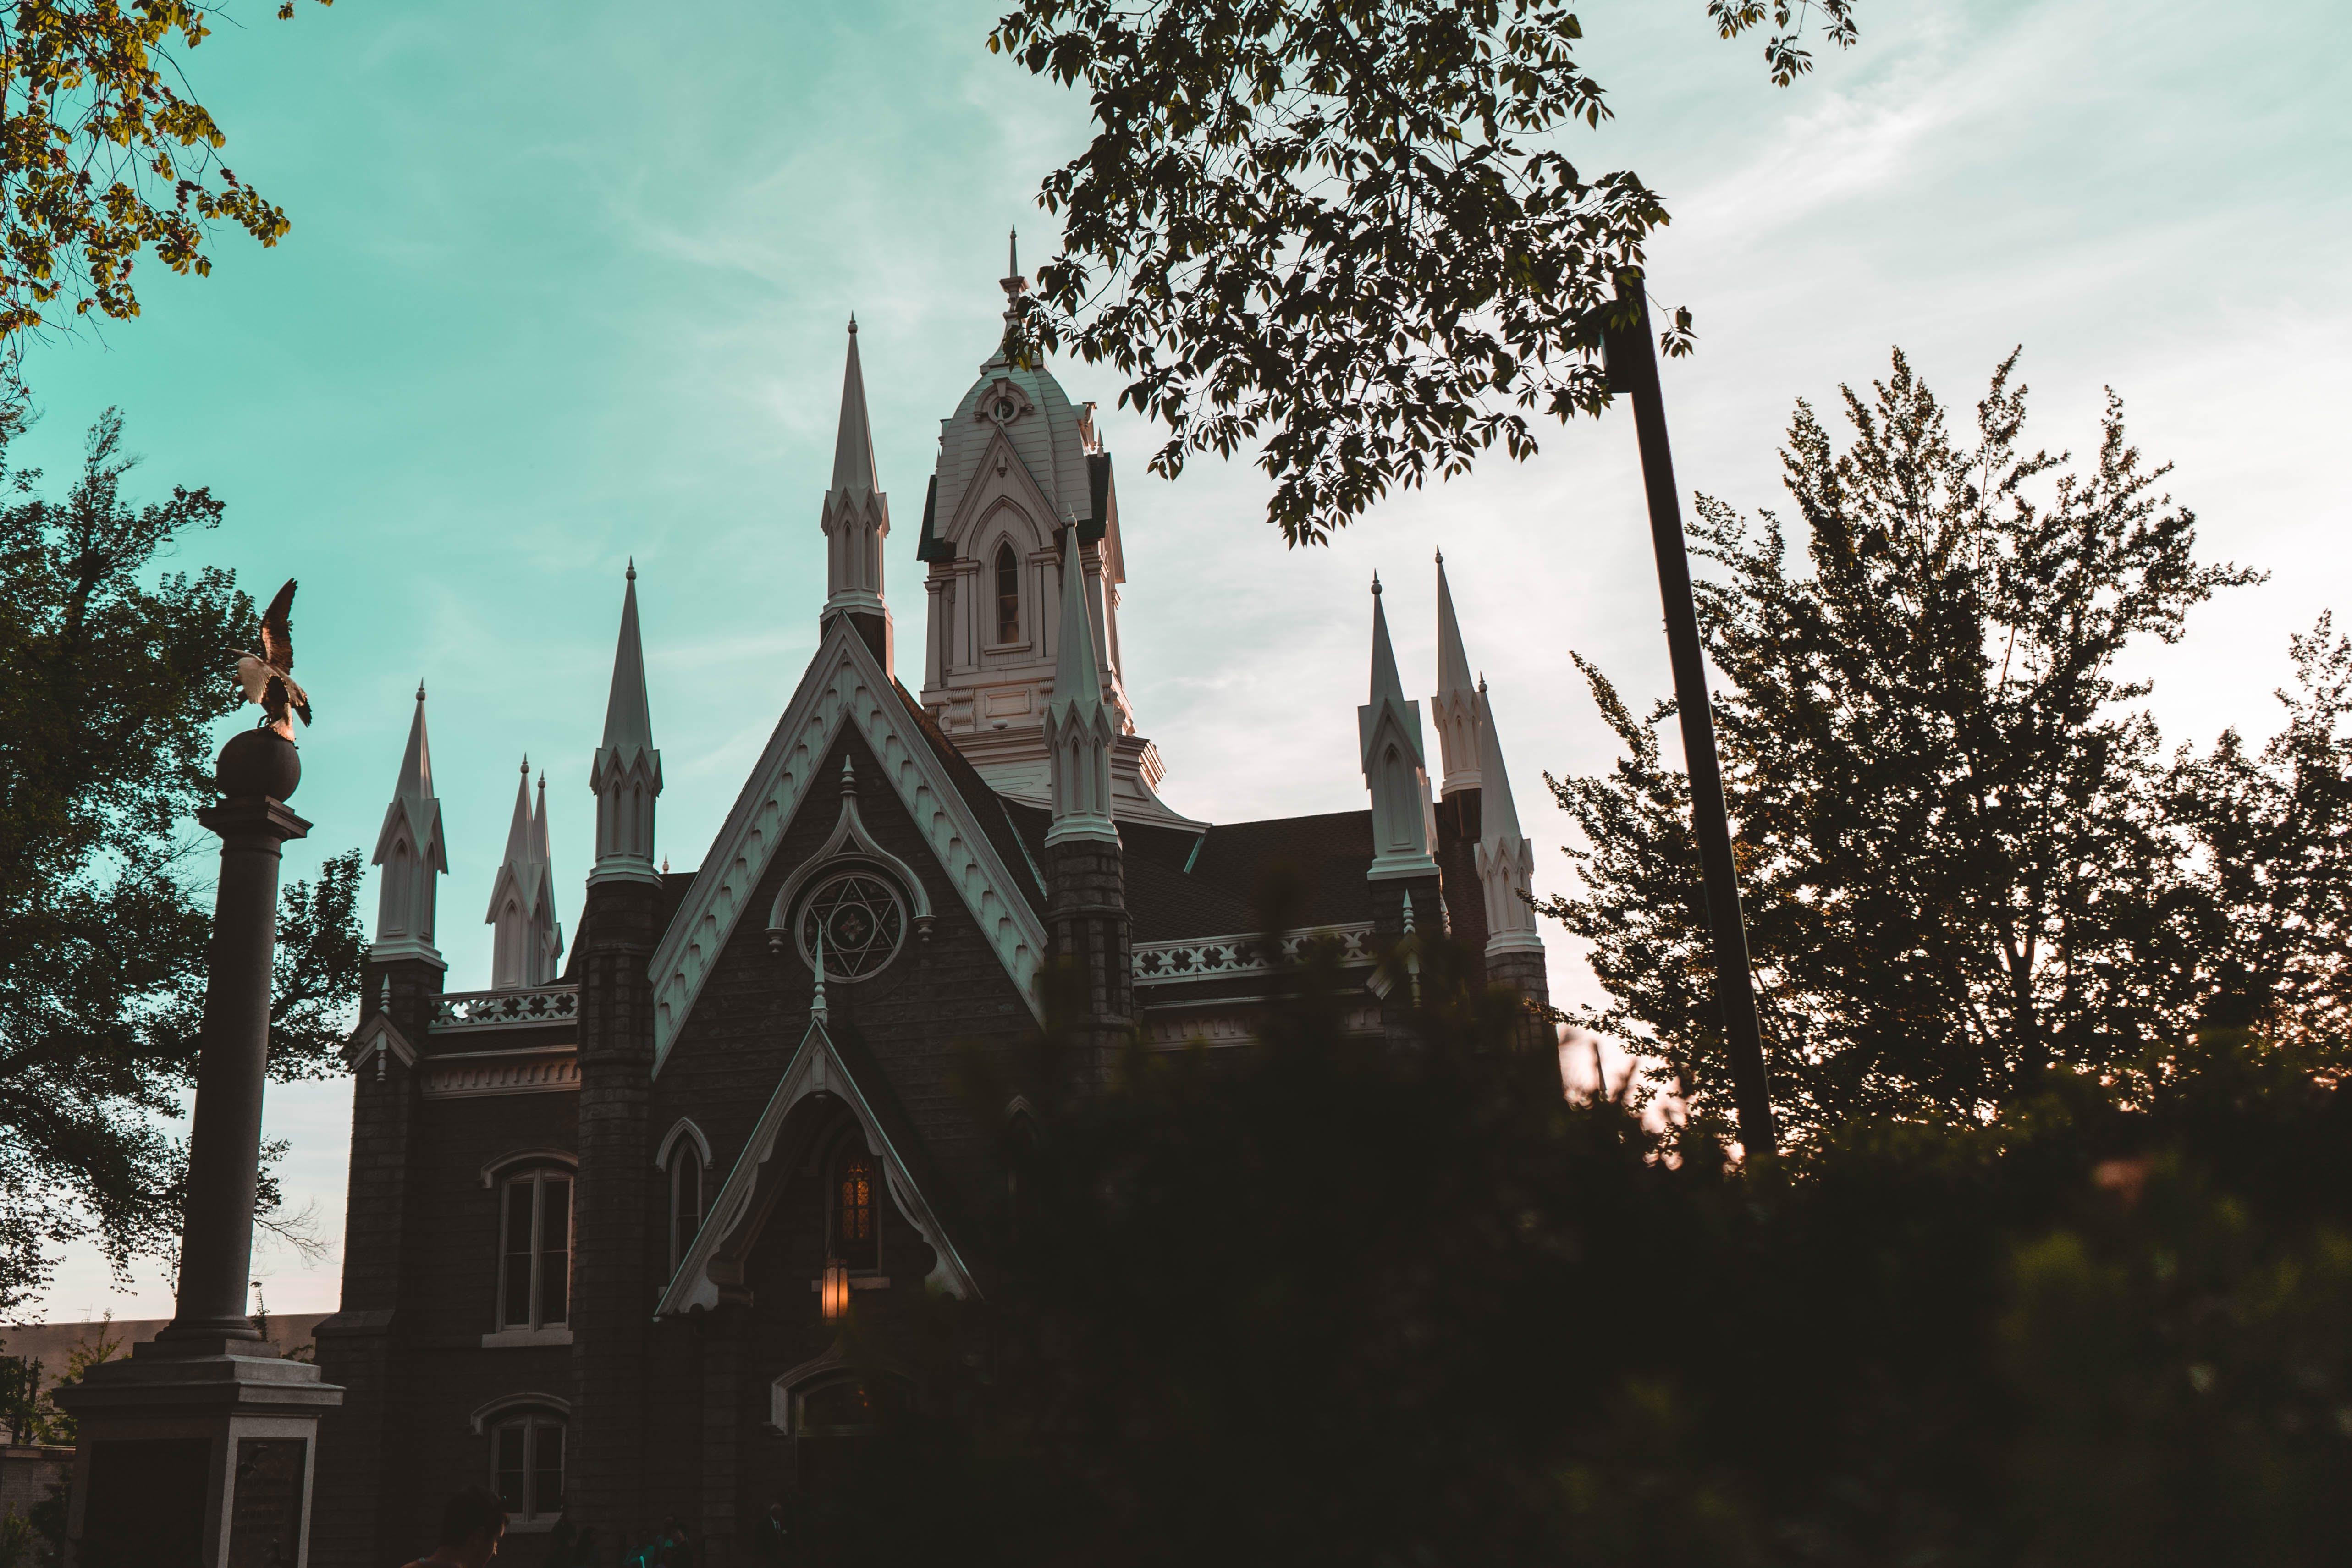 チャペル, 教会, 日没の無料の写真素材